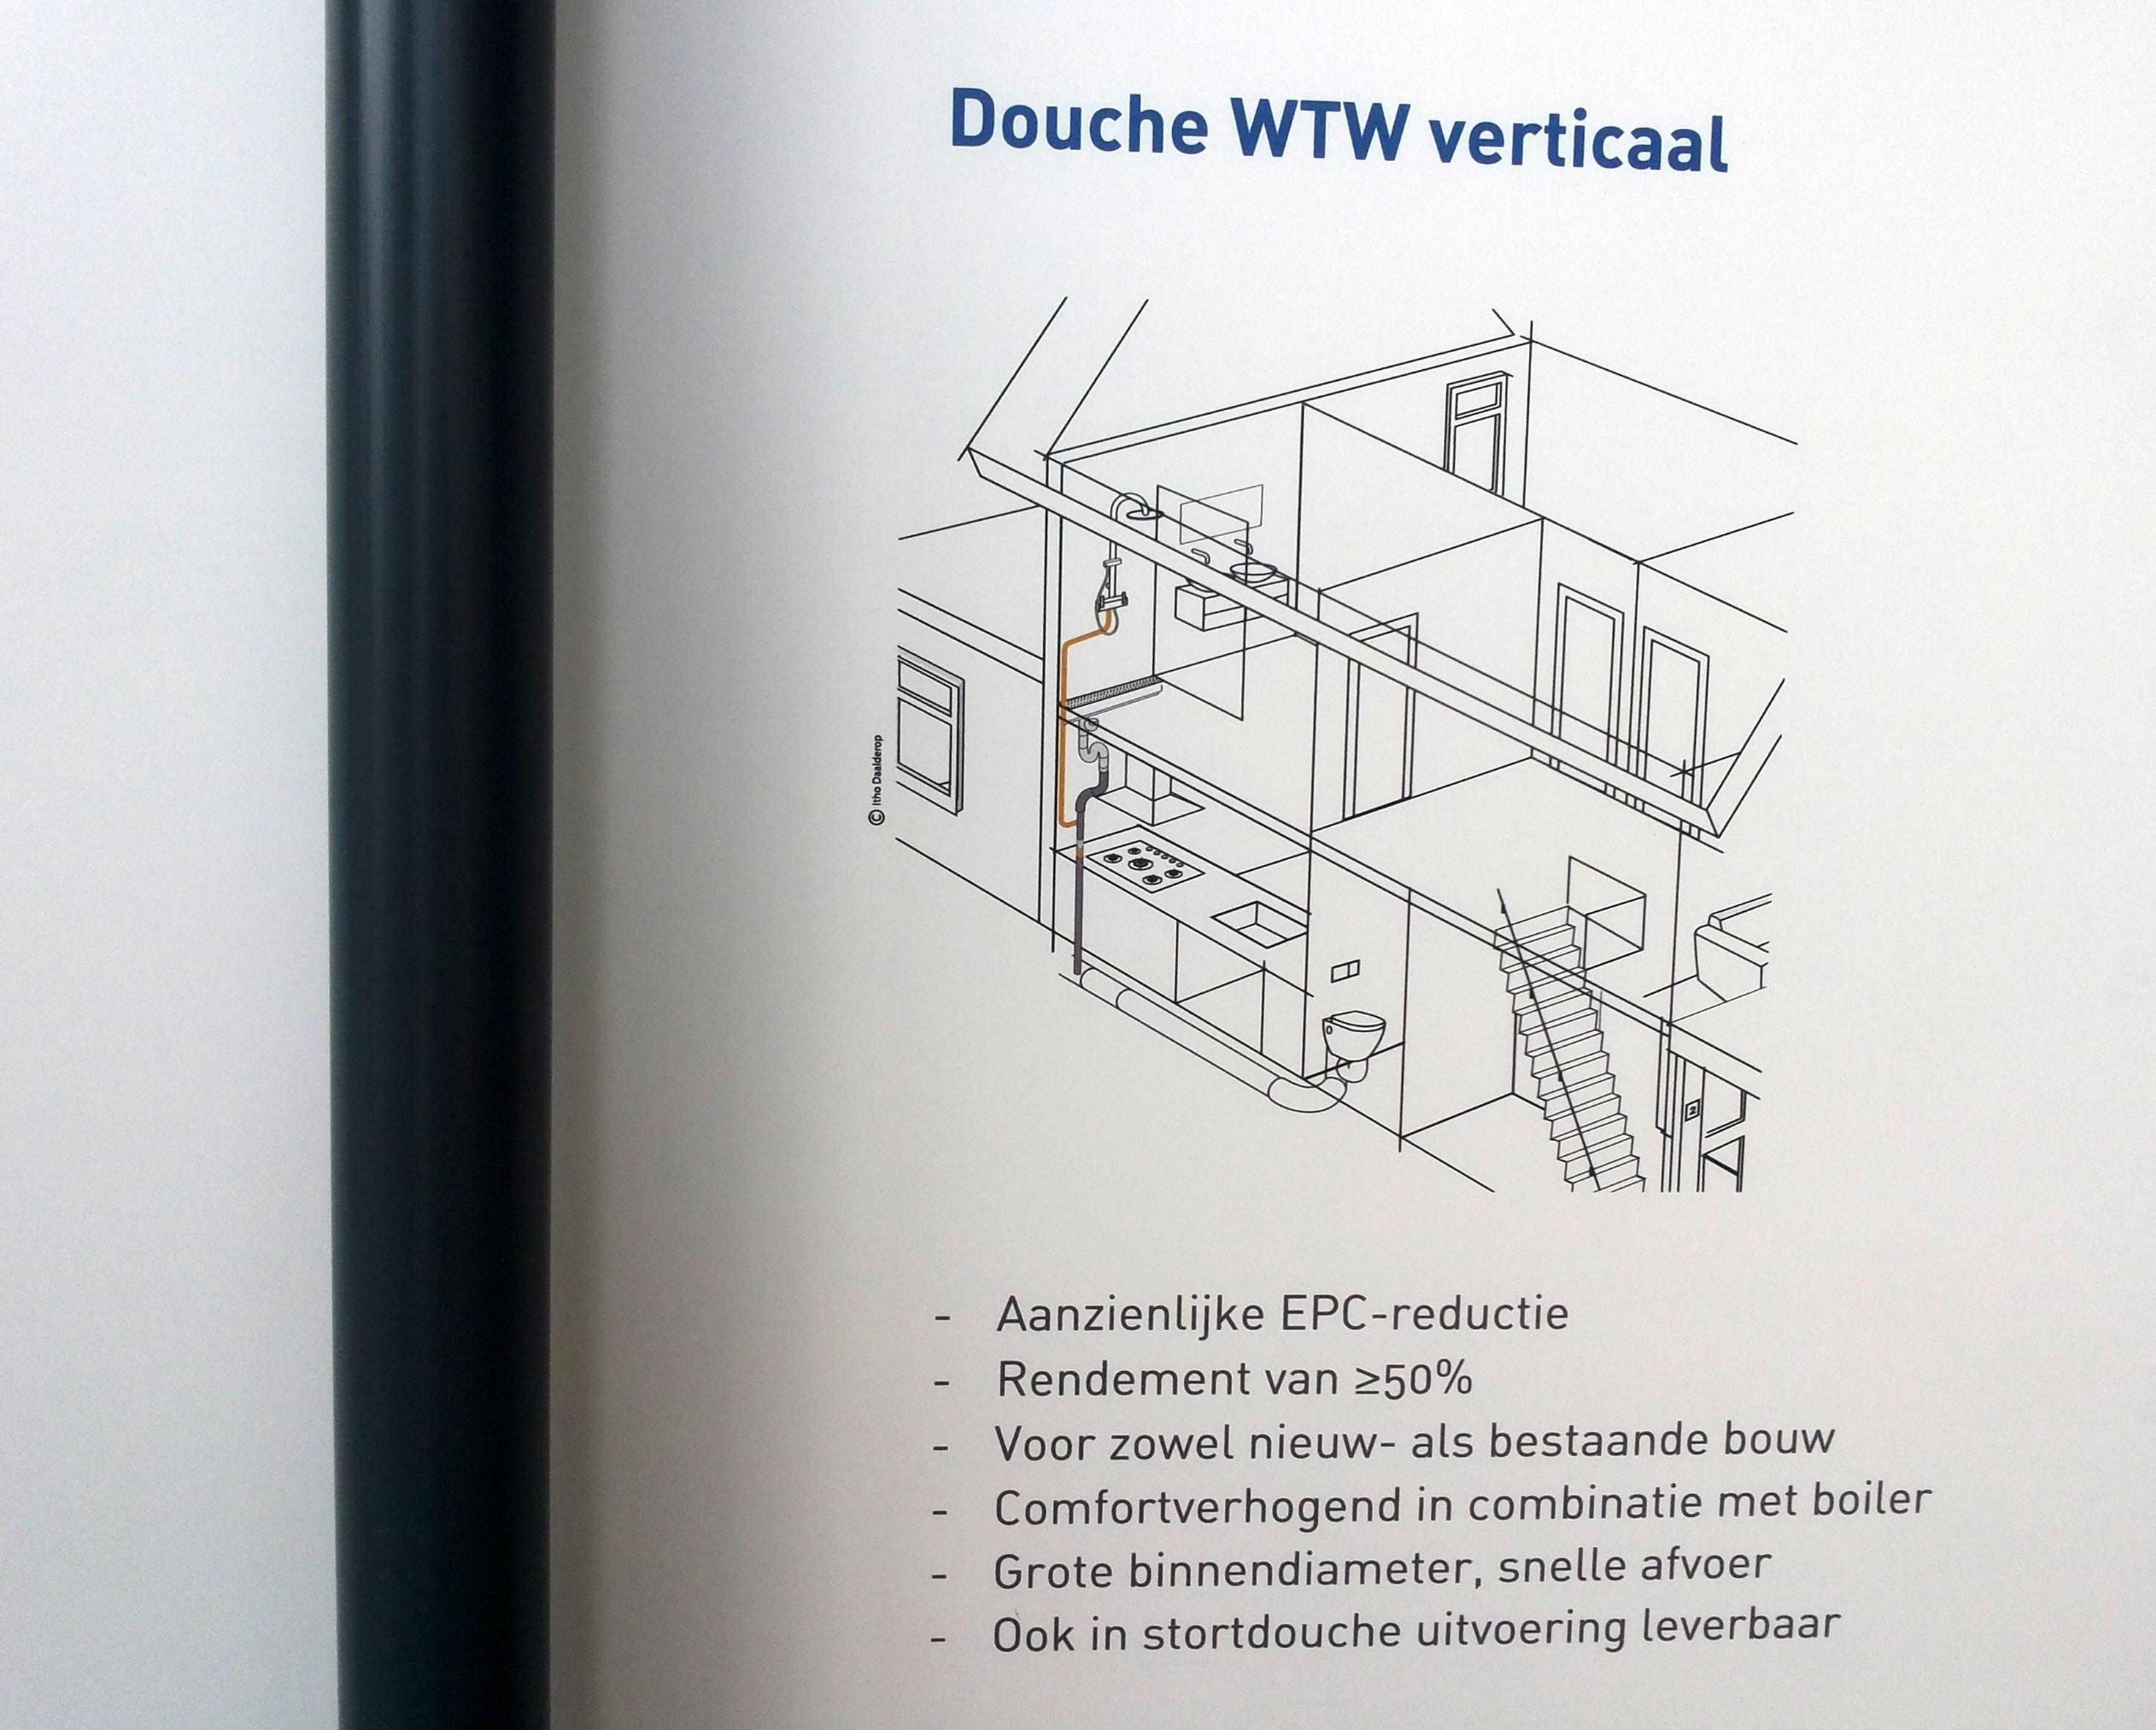 Itho Ventilator Badkamer : Douche wtw itho daalderop woonwijzerwinkelwoonwijzerwinkel